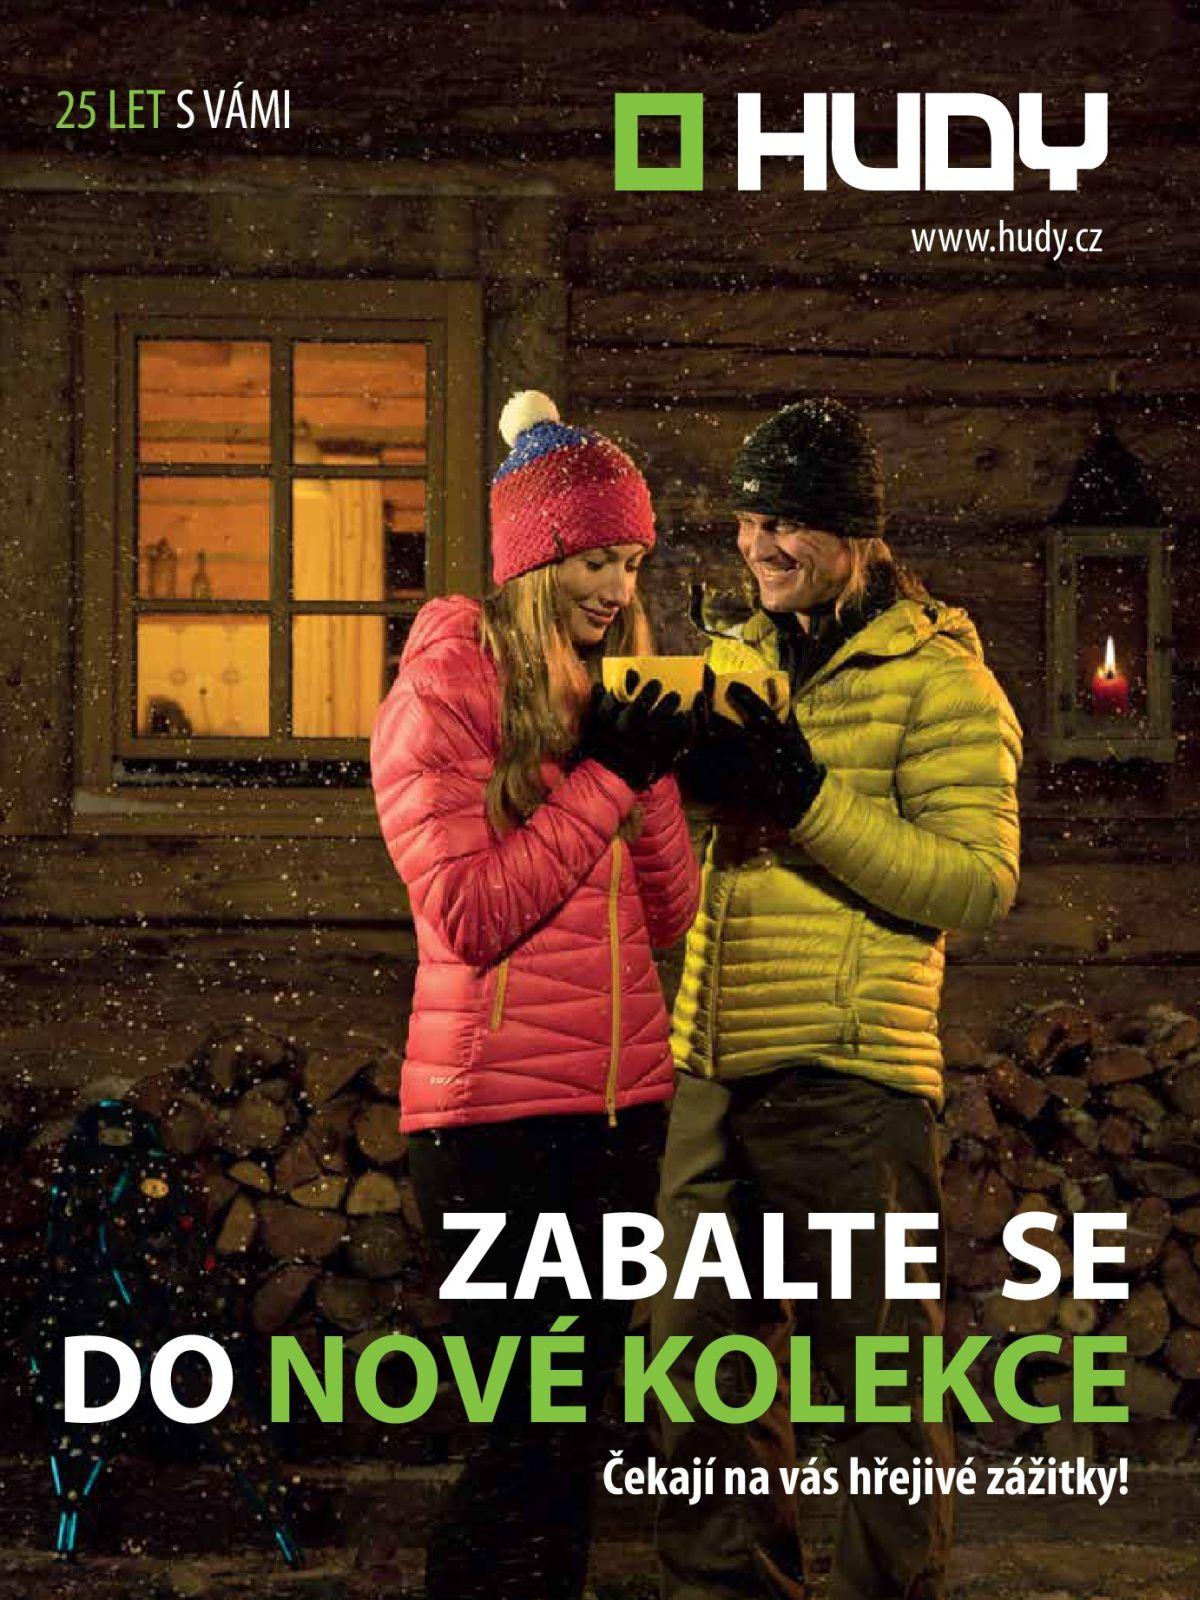 Kampaň představí zimní kolekci